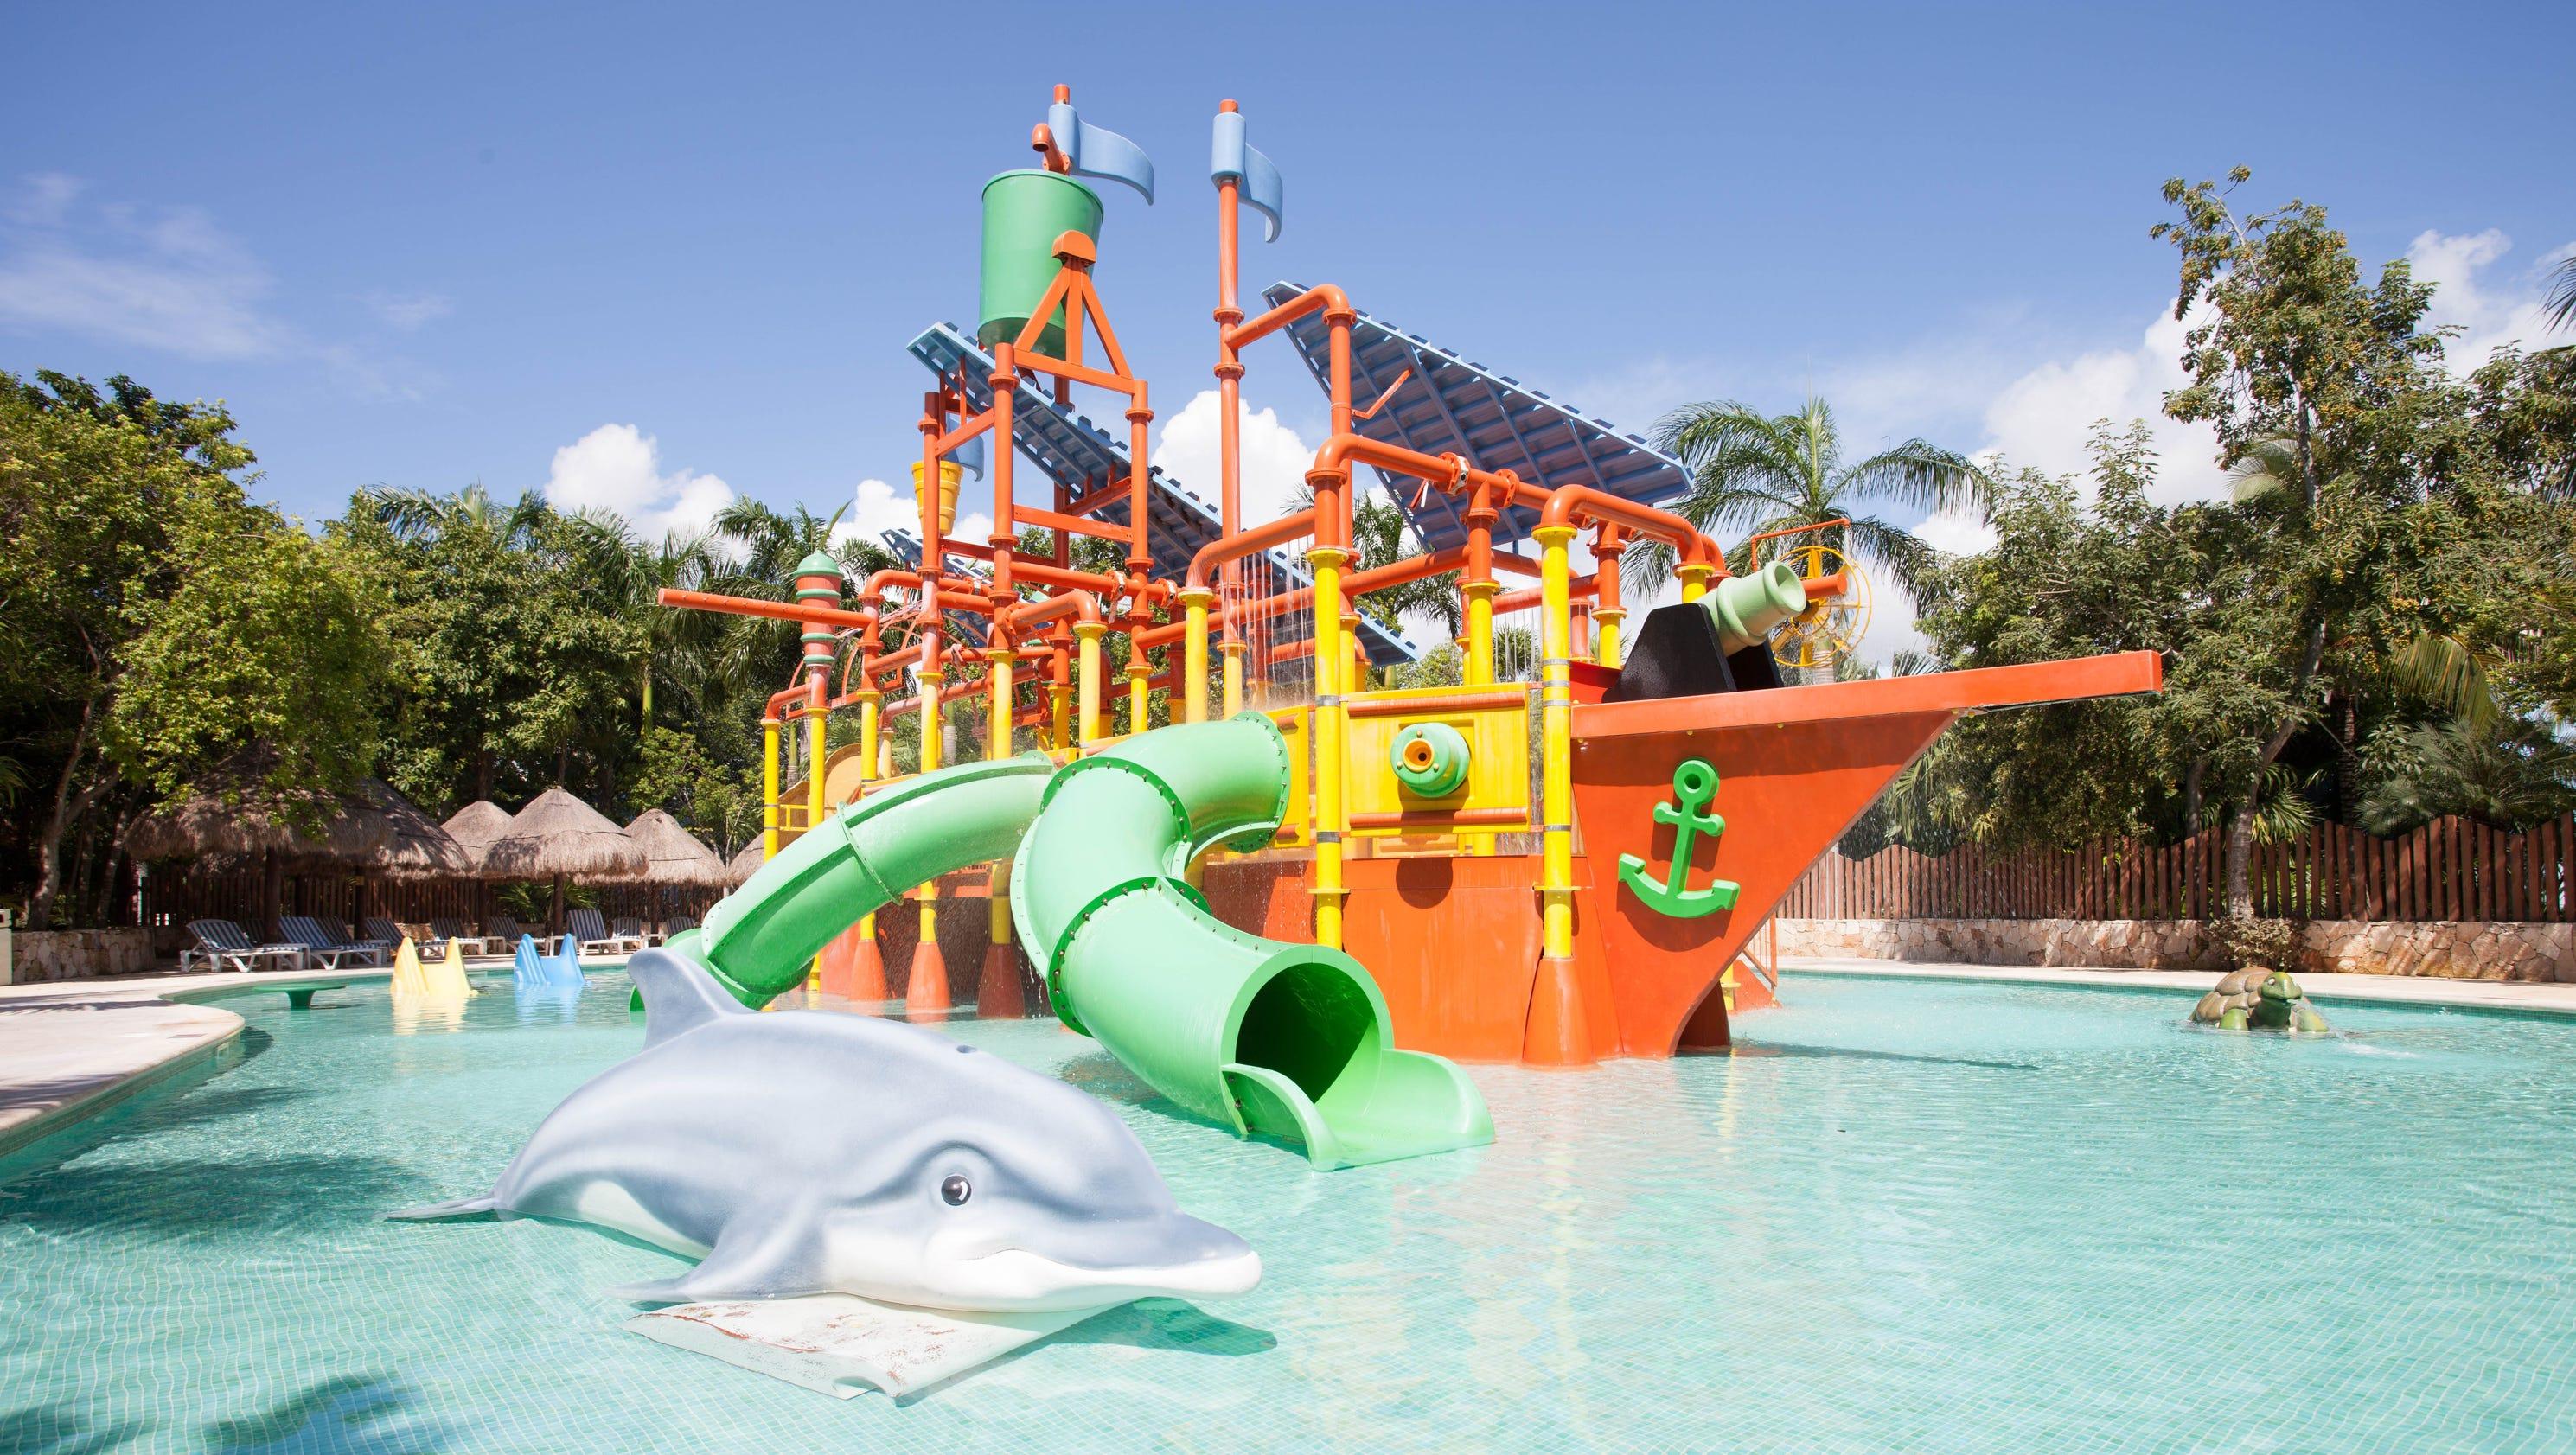 caribbean resort water parks. Black Bedroom Furniture Sets. Home Design Ideas